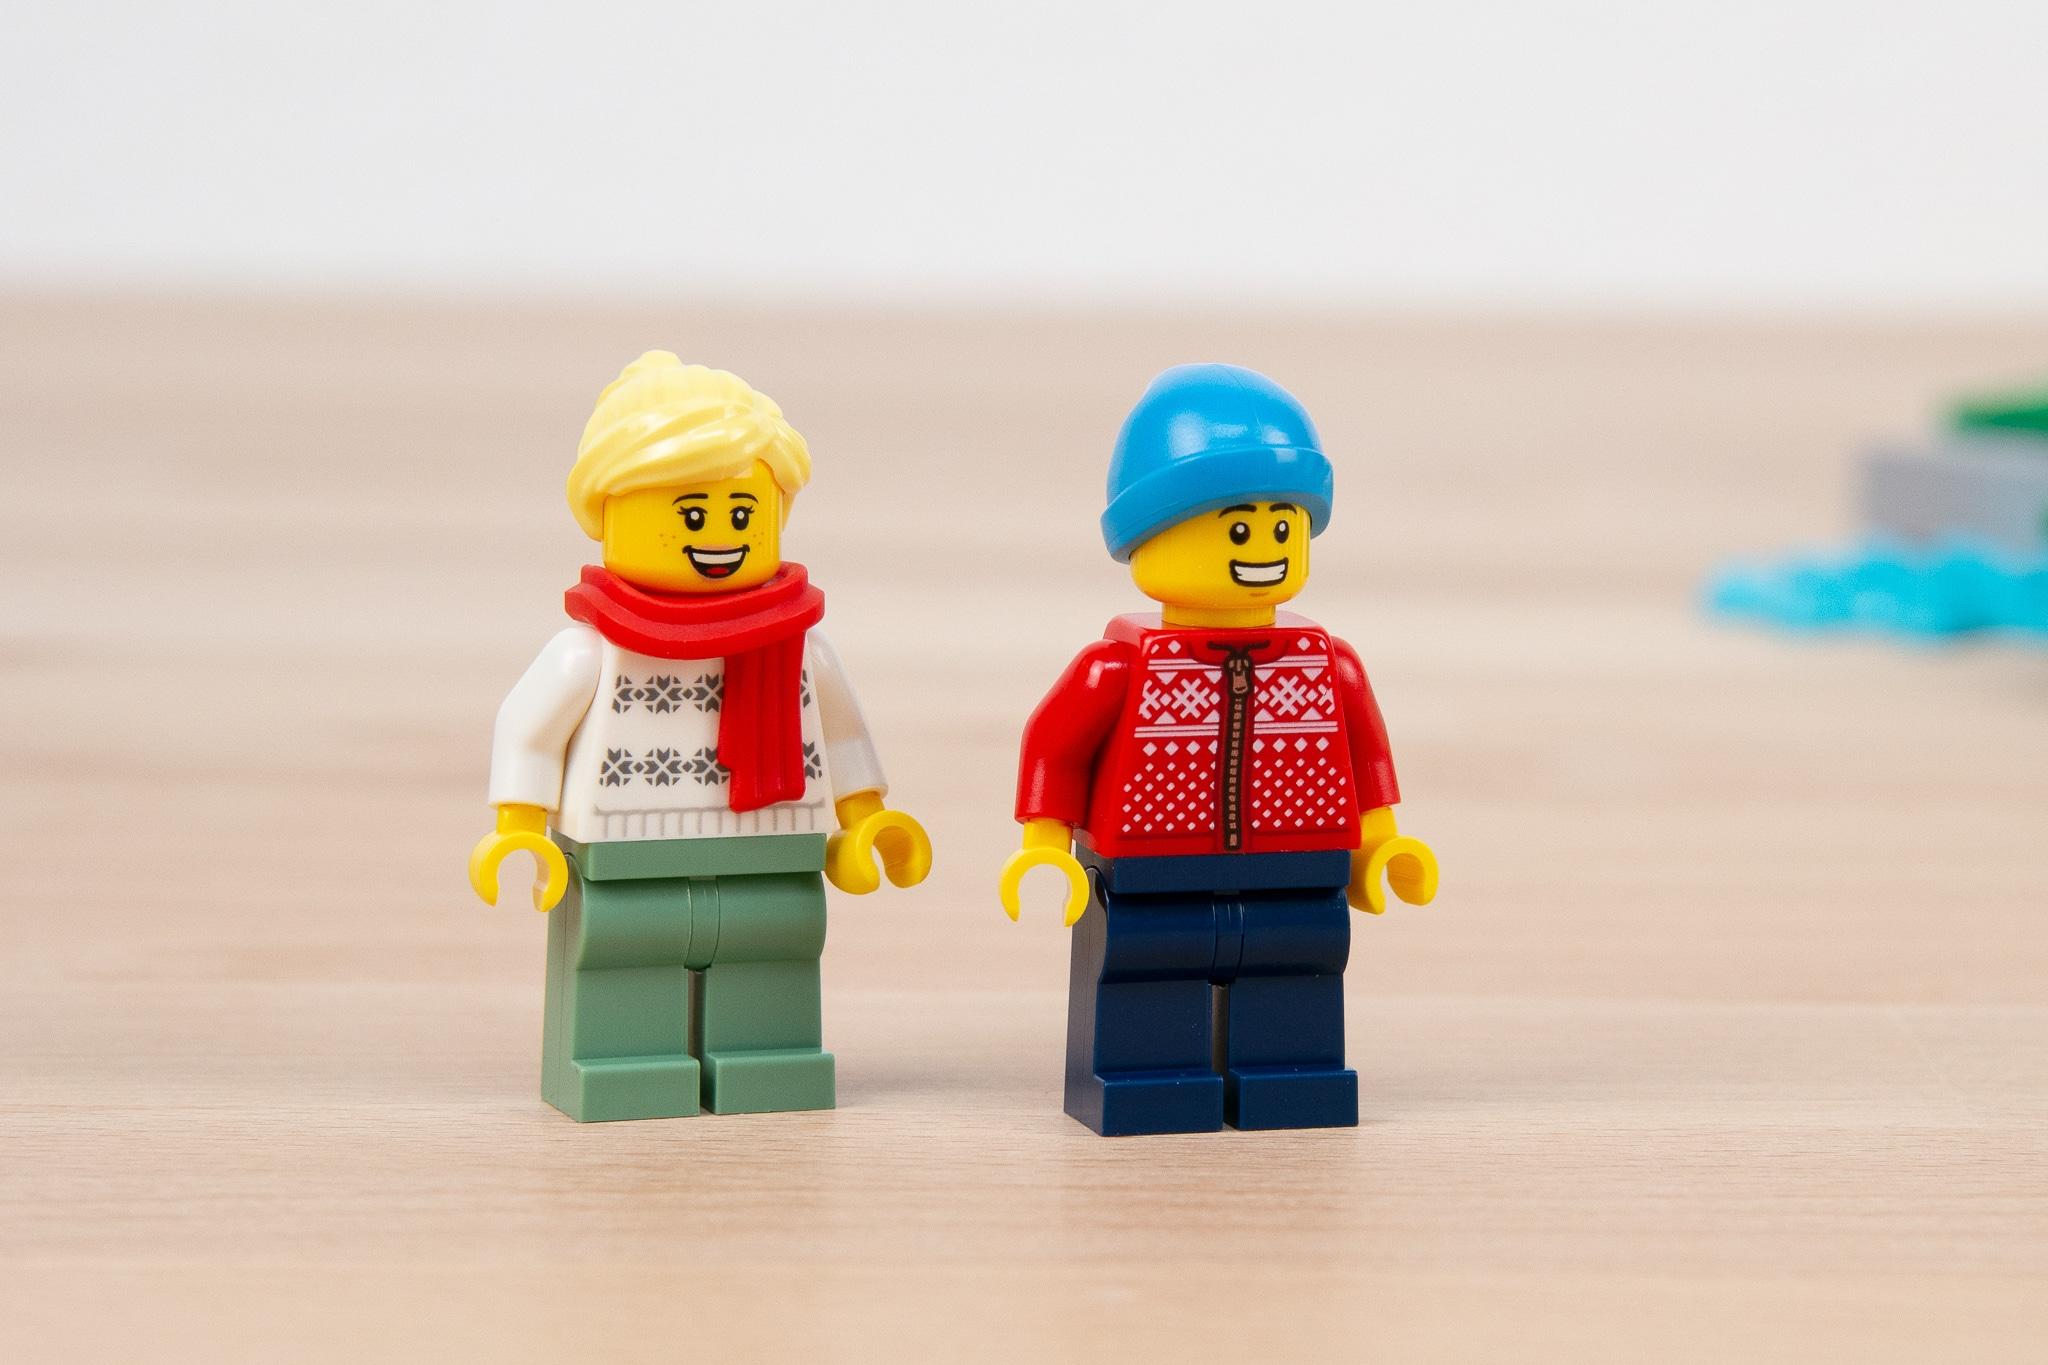 LEGO 40416 Eislaufplatz Stonewars Review (6)